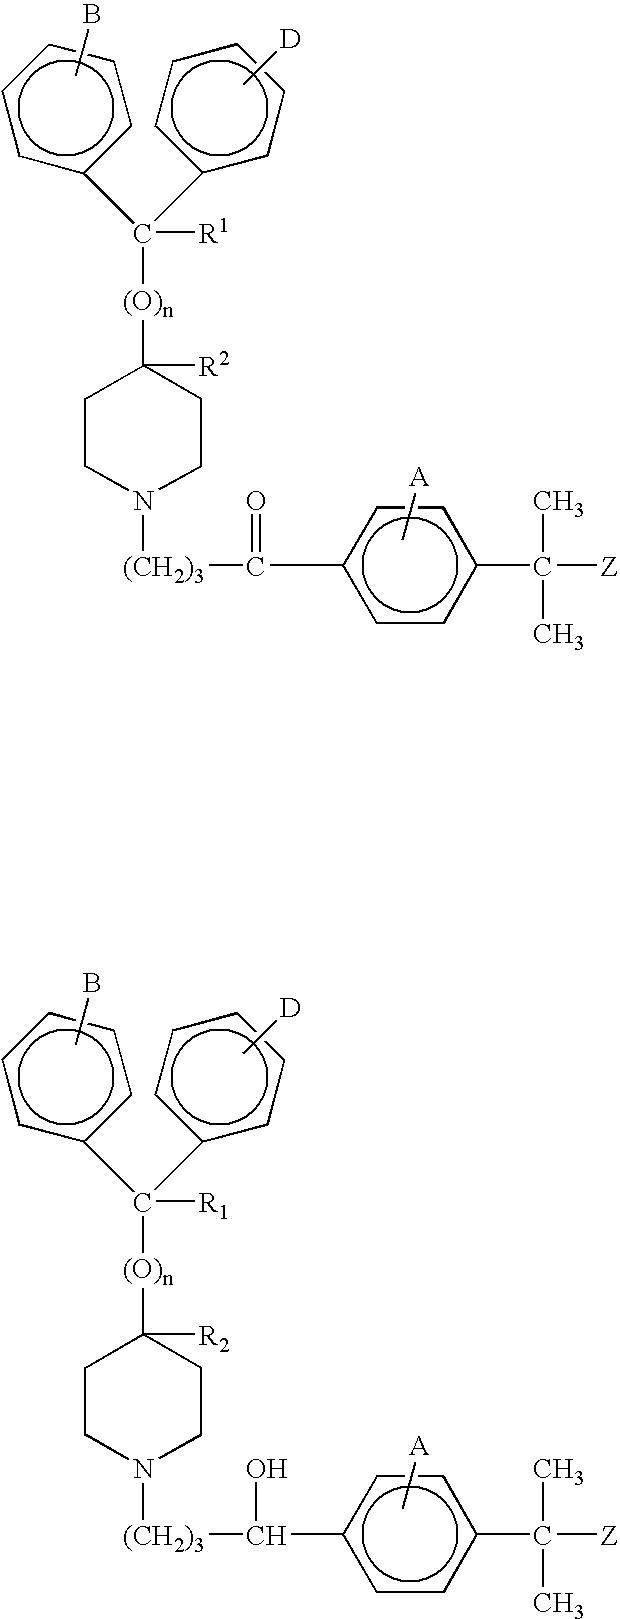 Figure US20070010677A1-20070111-C00019